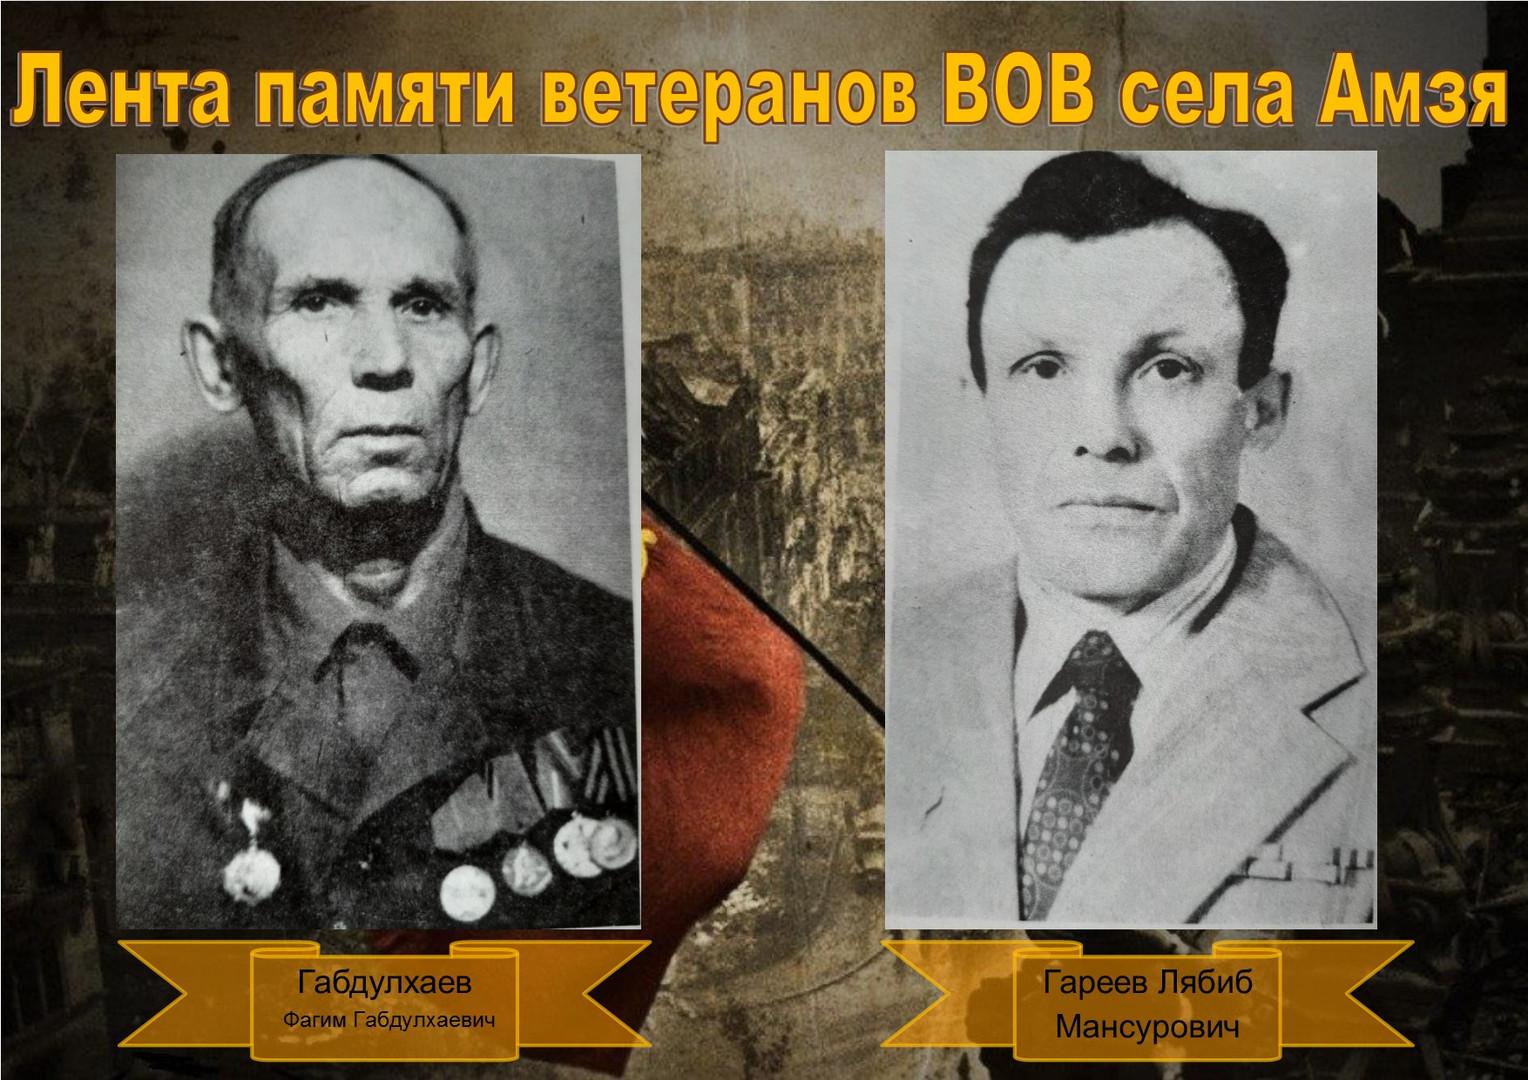 Габдулхаев-Гареев.jpg